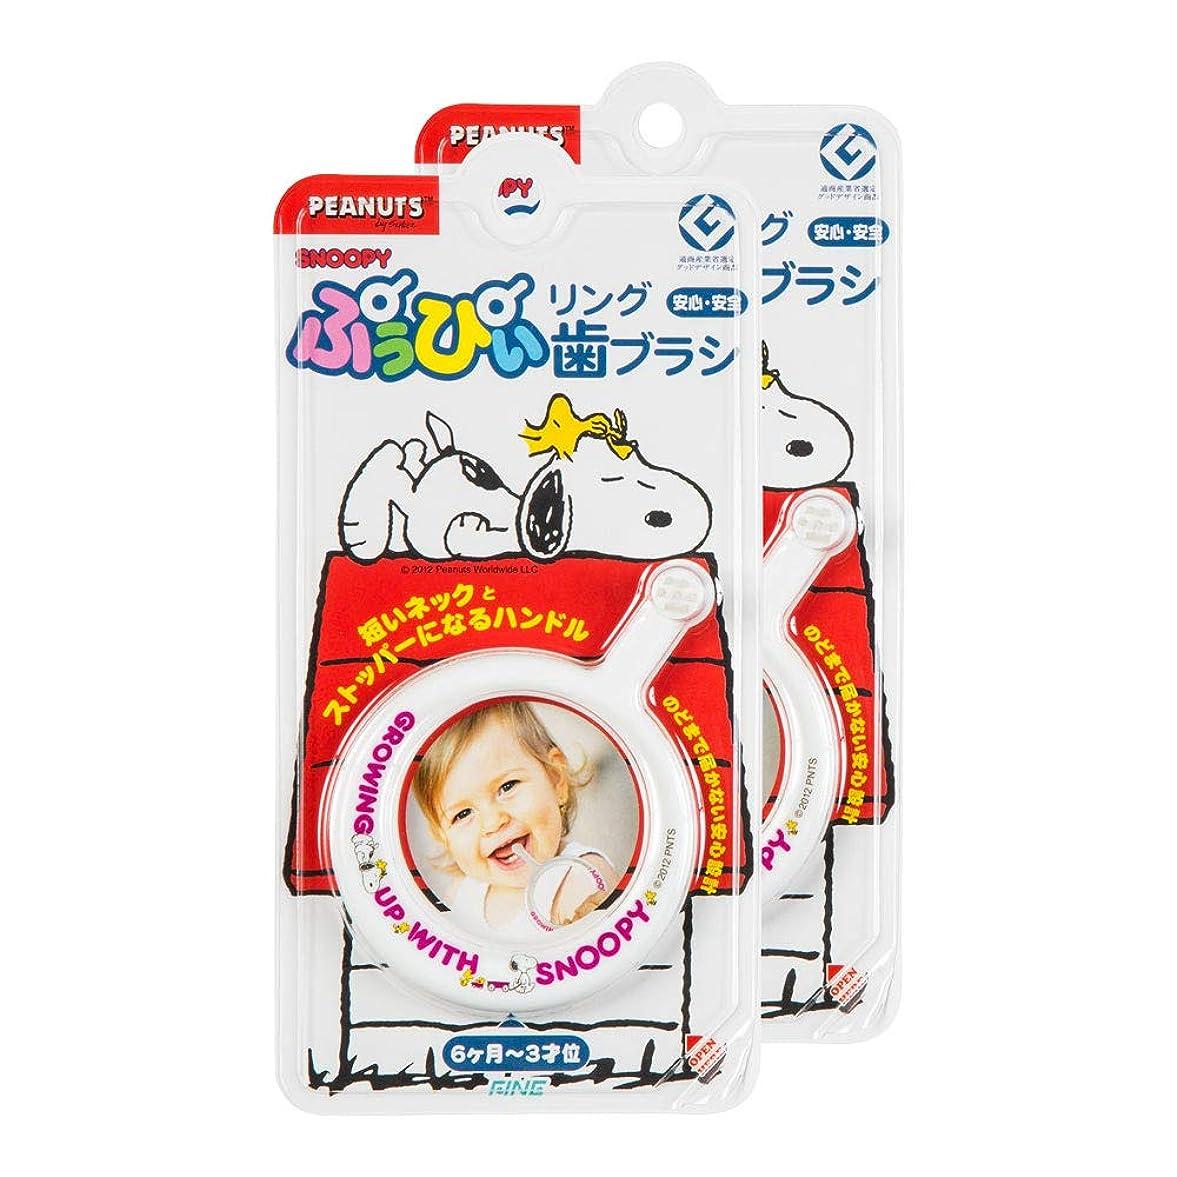 請求可能ノベルティメンタリティ【Amazon.co.jp限定】 ファイン ベビー用歯ブラシ 2個組 ピンク 2組 4976858872099